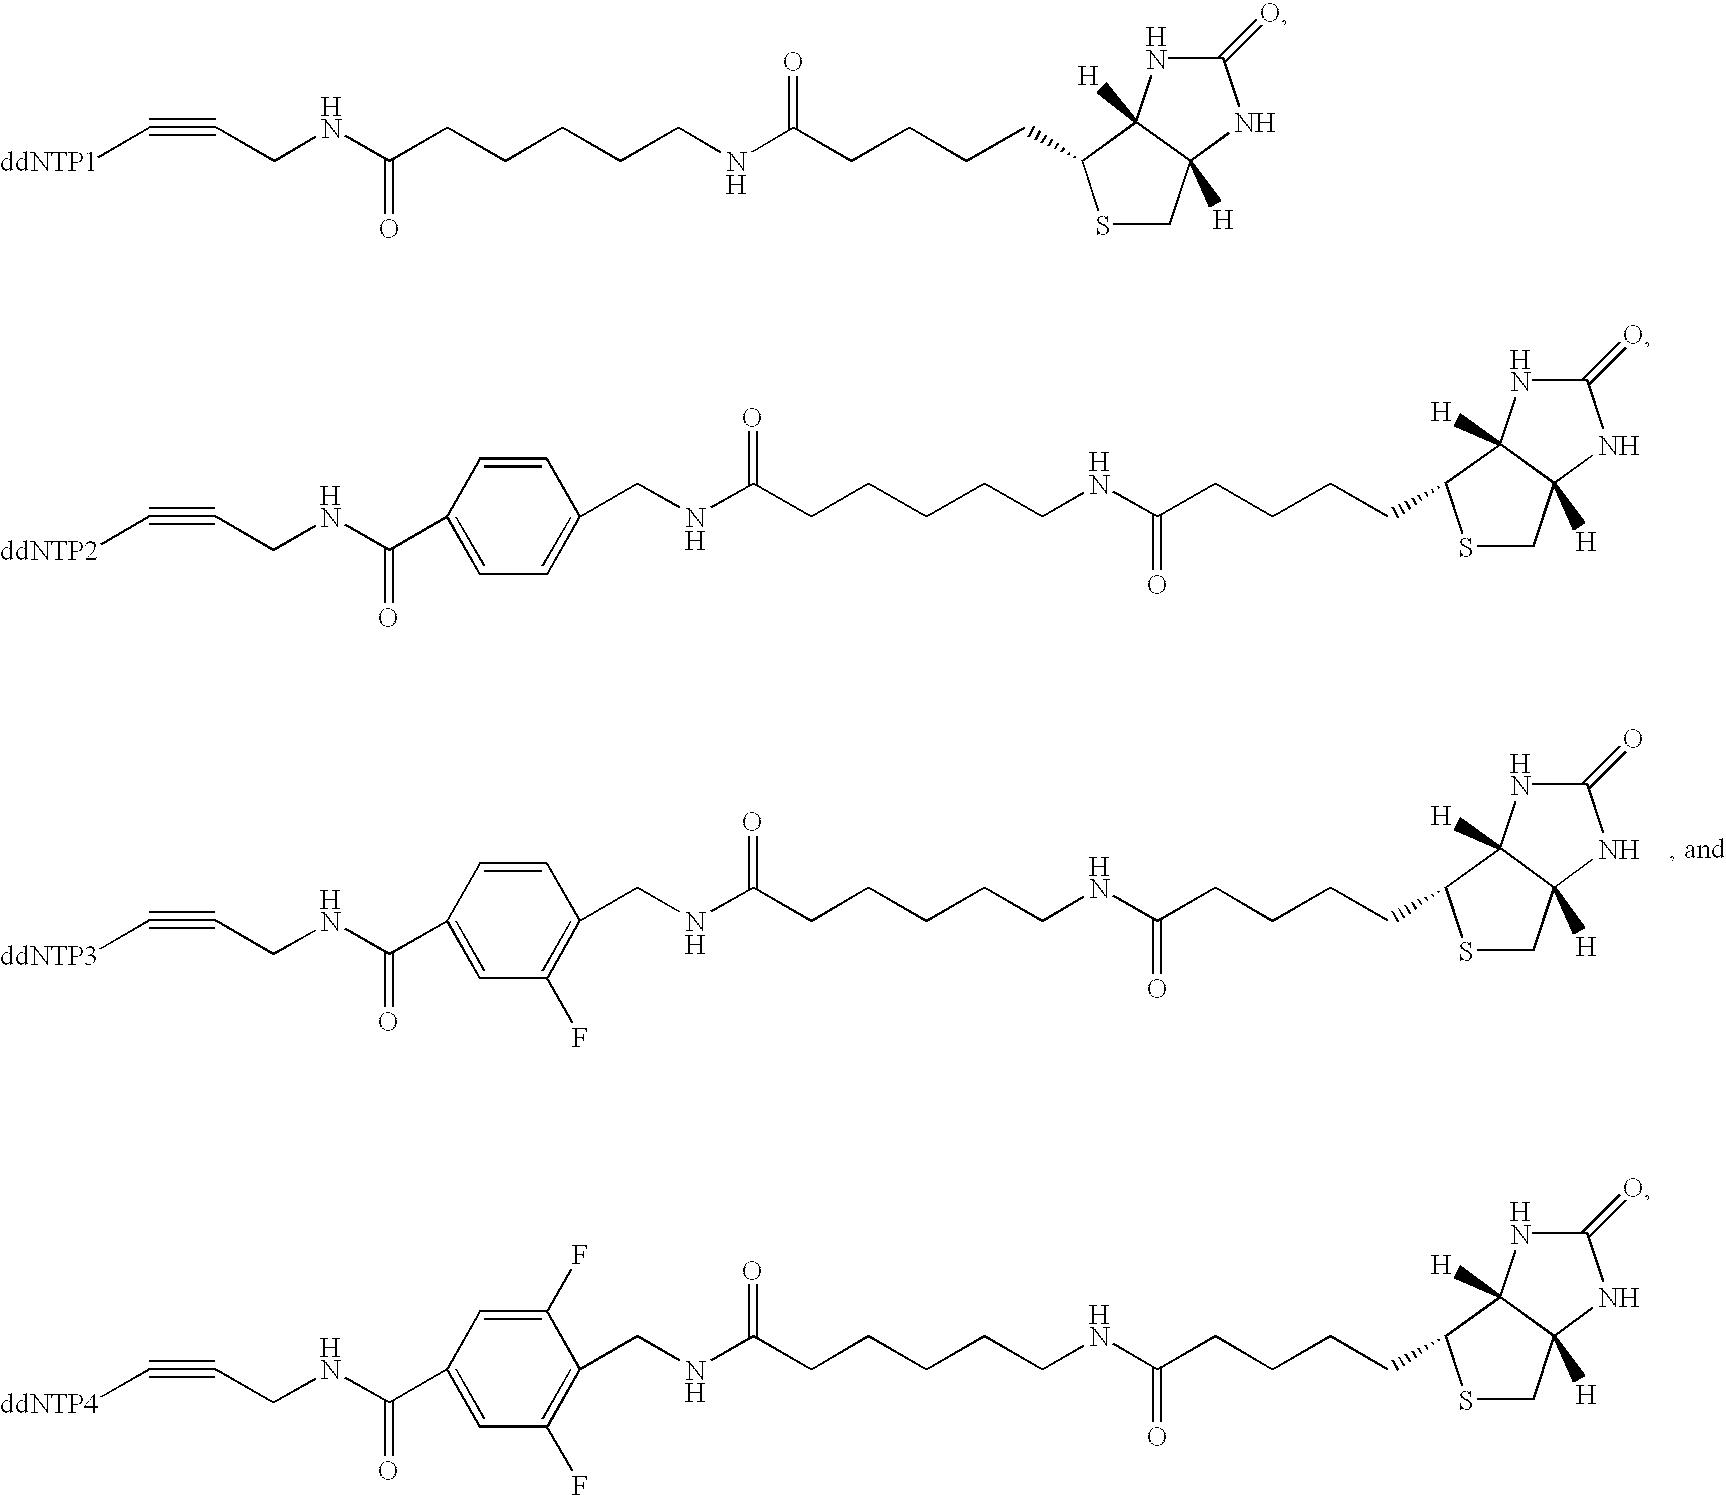 Figure US20030027140A1-20030206-C00007